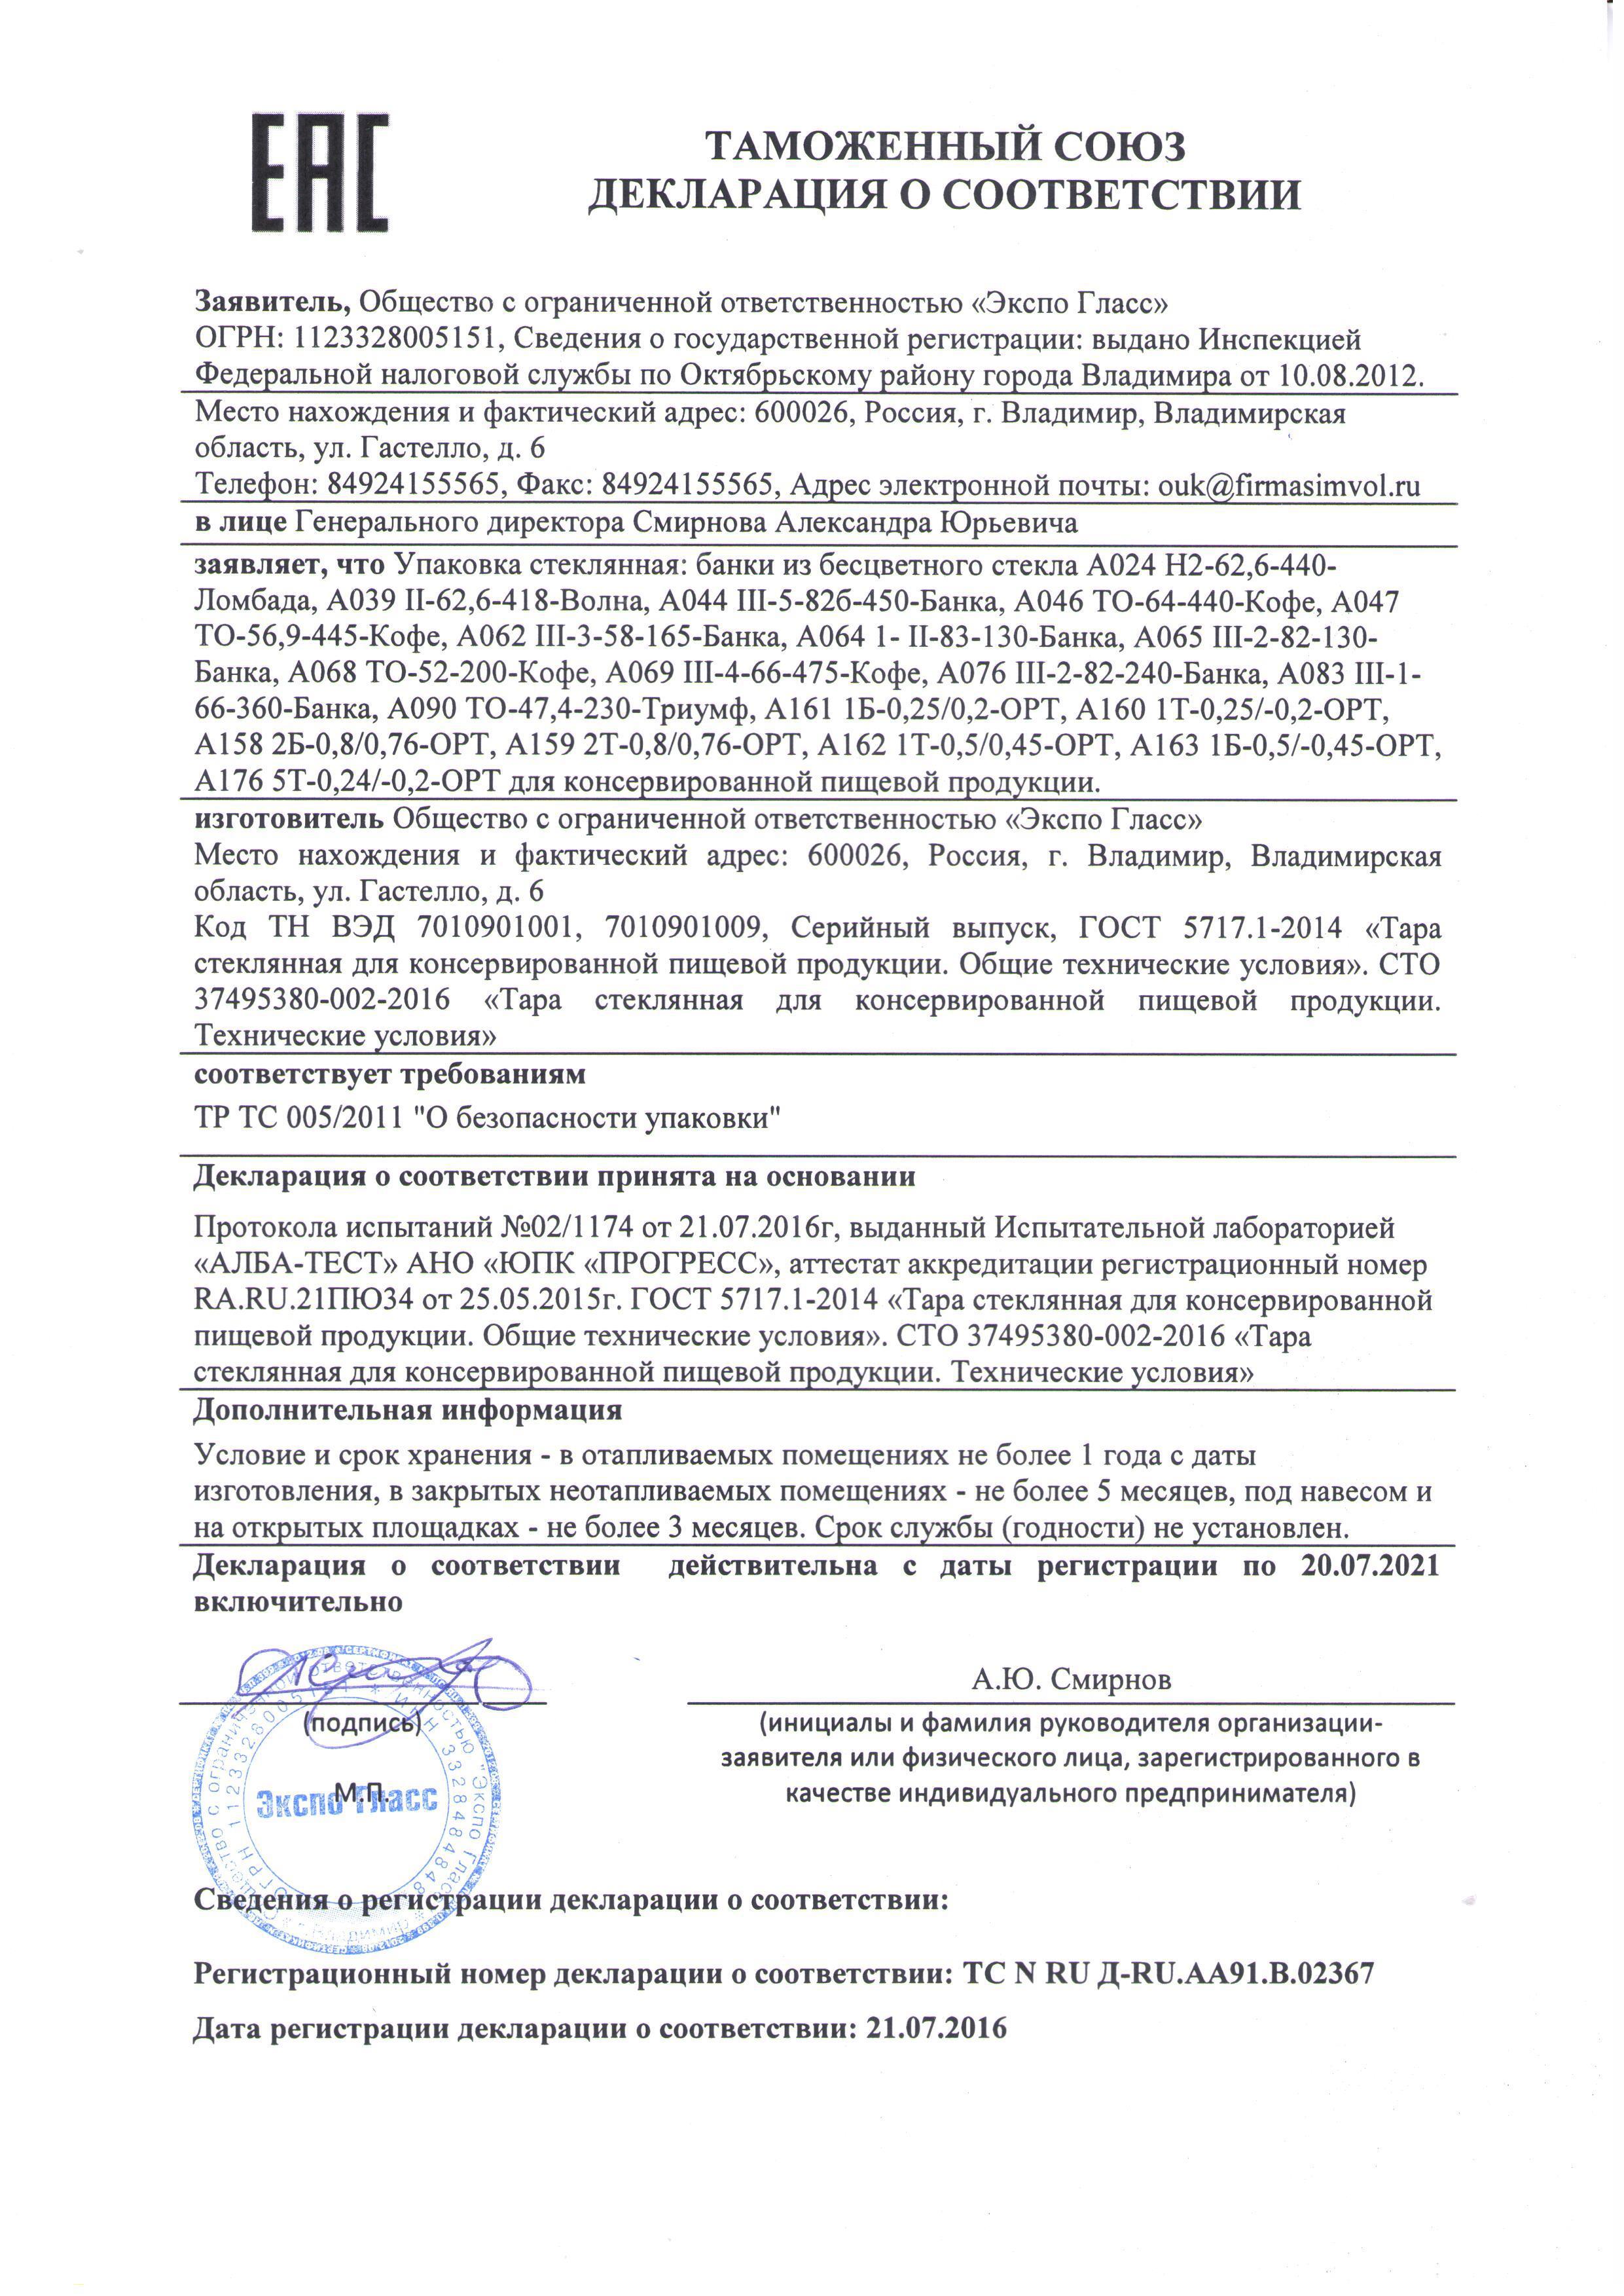 ТС № RU Д-RU АА91.В.02367